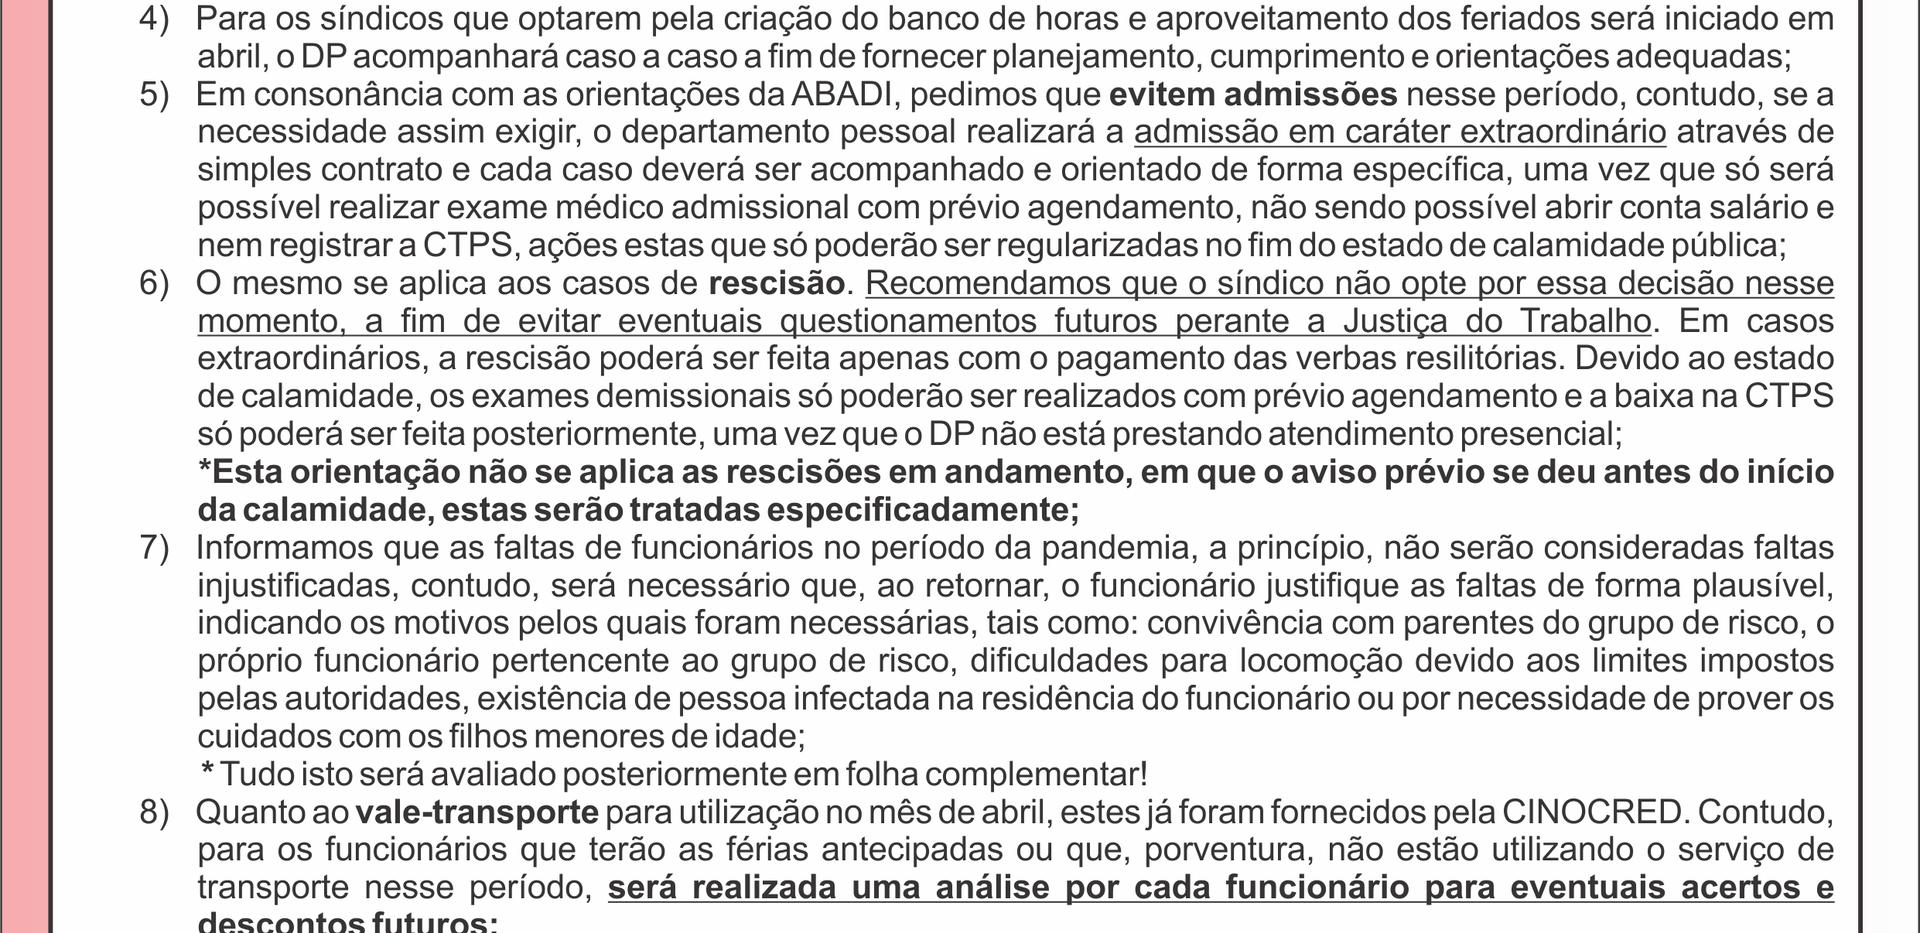 1º_Orientação_Departamento_Pessoal.pn